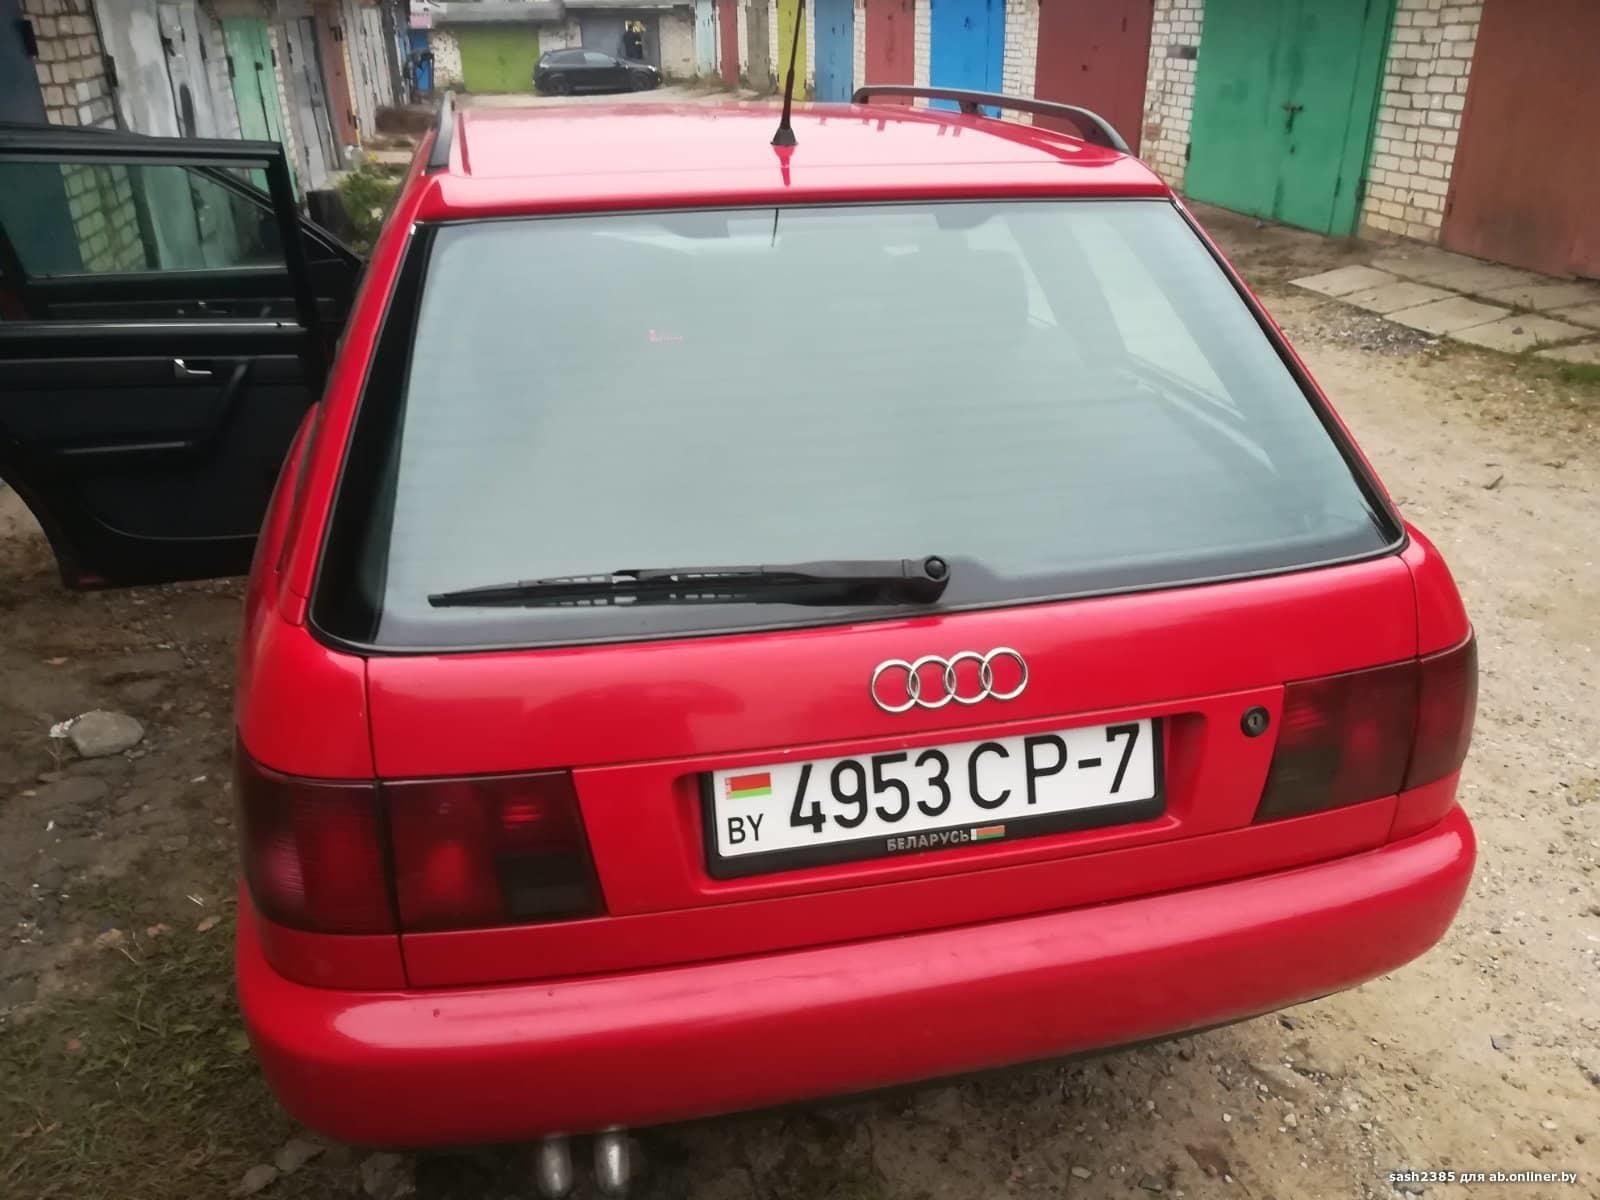 Audi A6 Tdi aat 2.5 chip